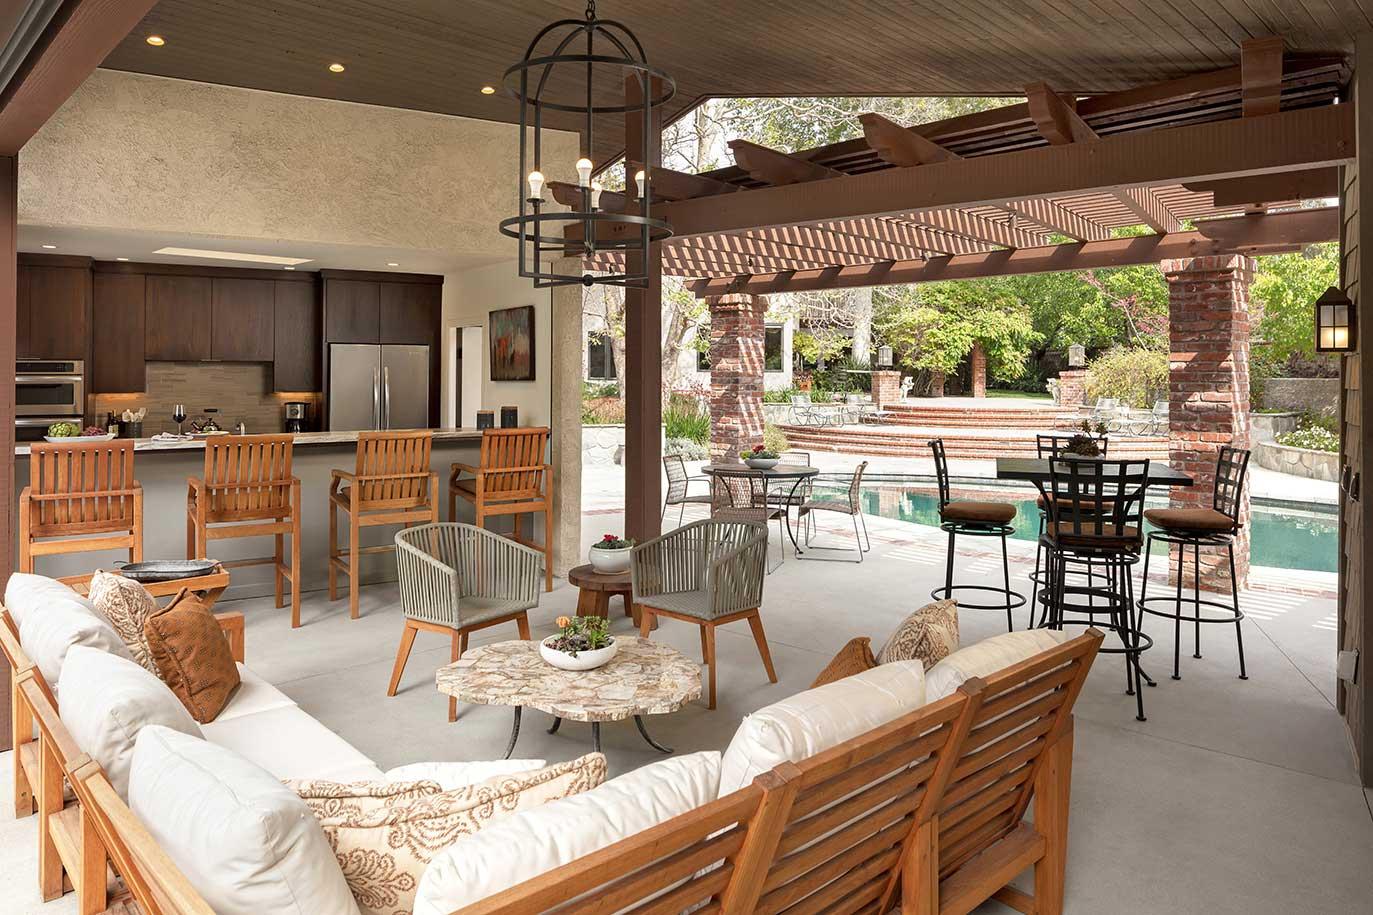 Premier Outdoor Living & Design - Luxury Outdoor Living Spaces on Fancy Outdoor Living id=74424